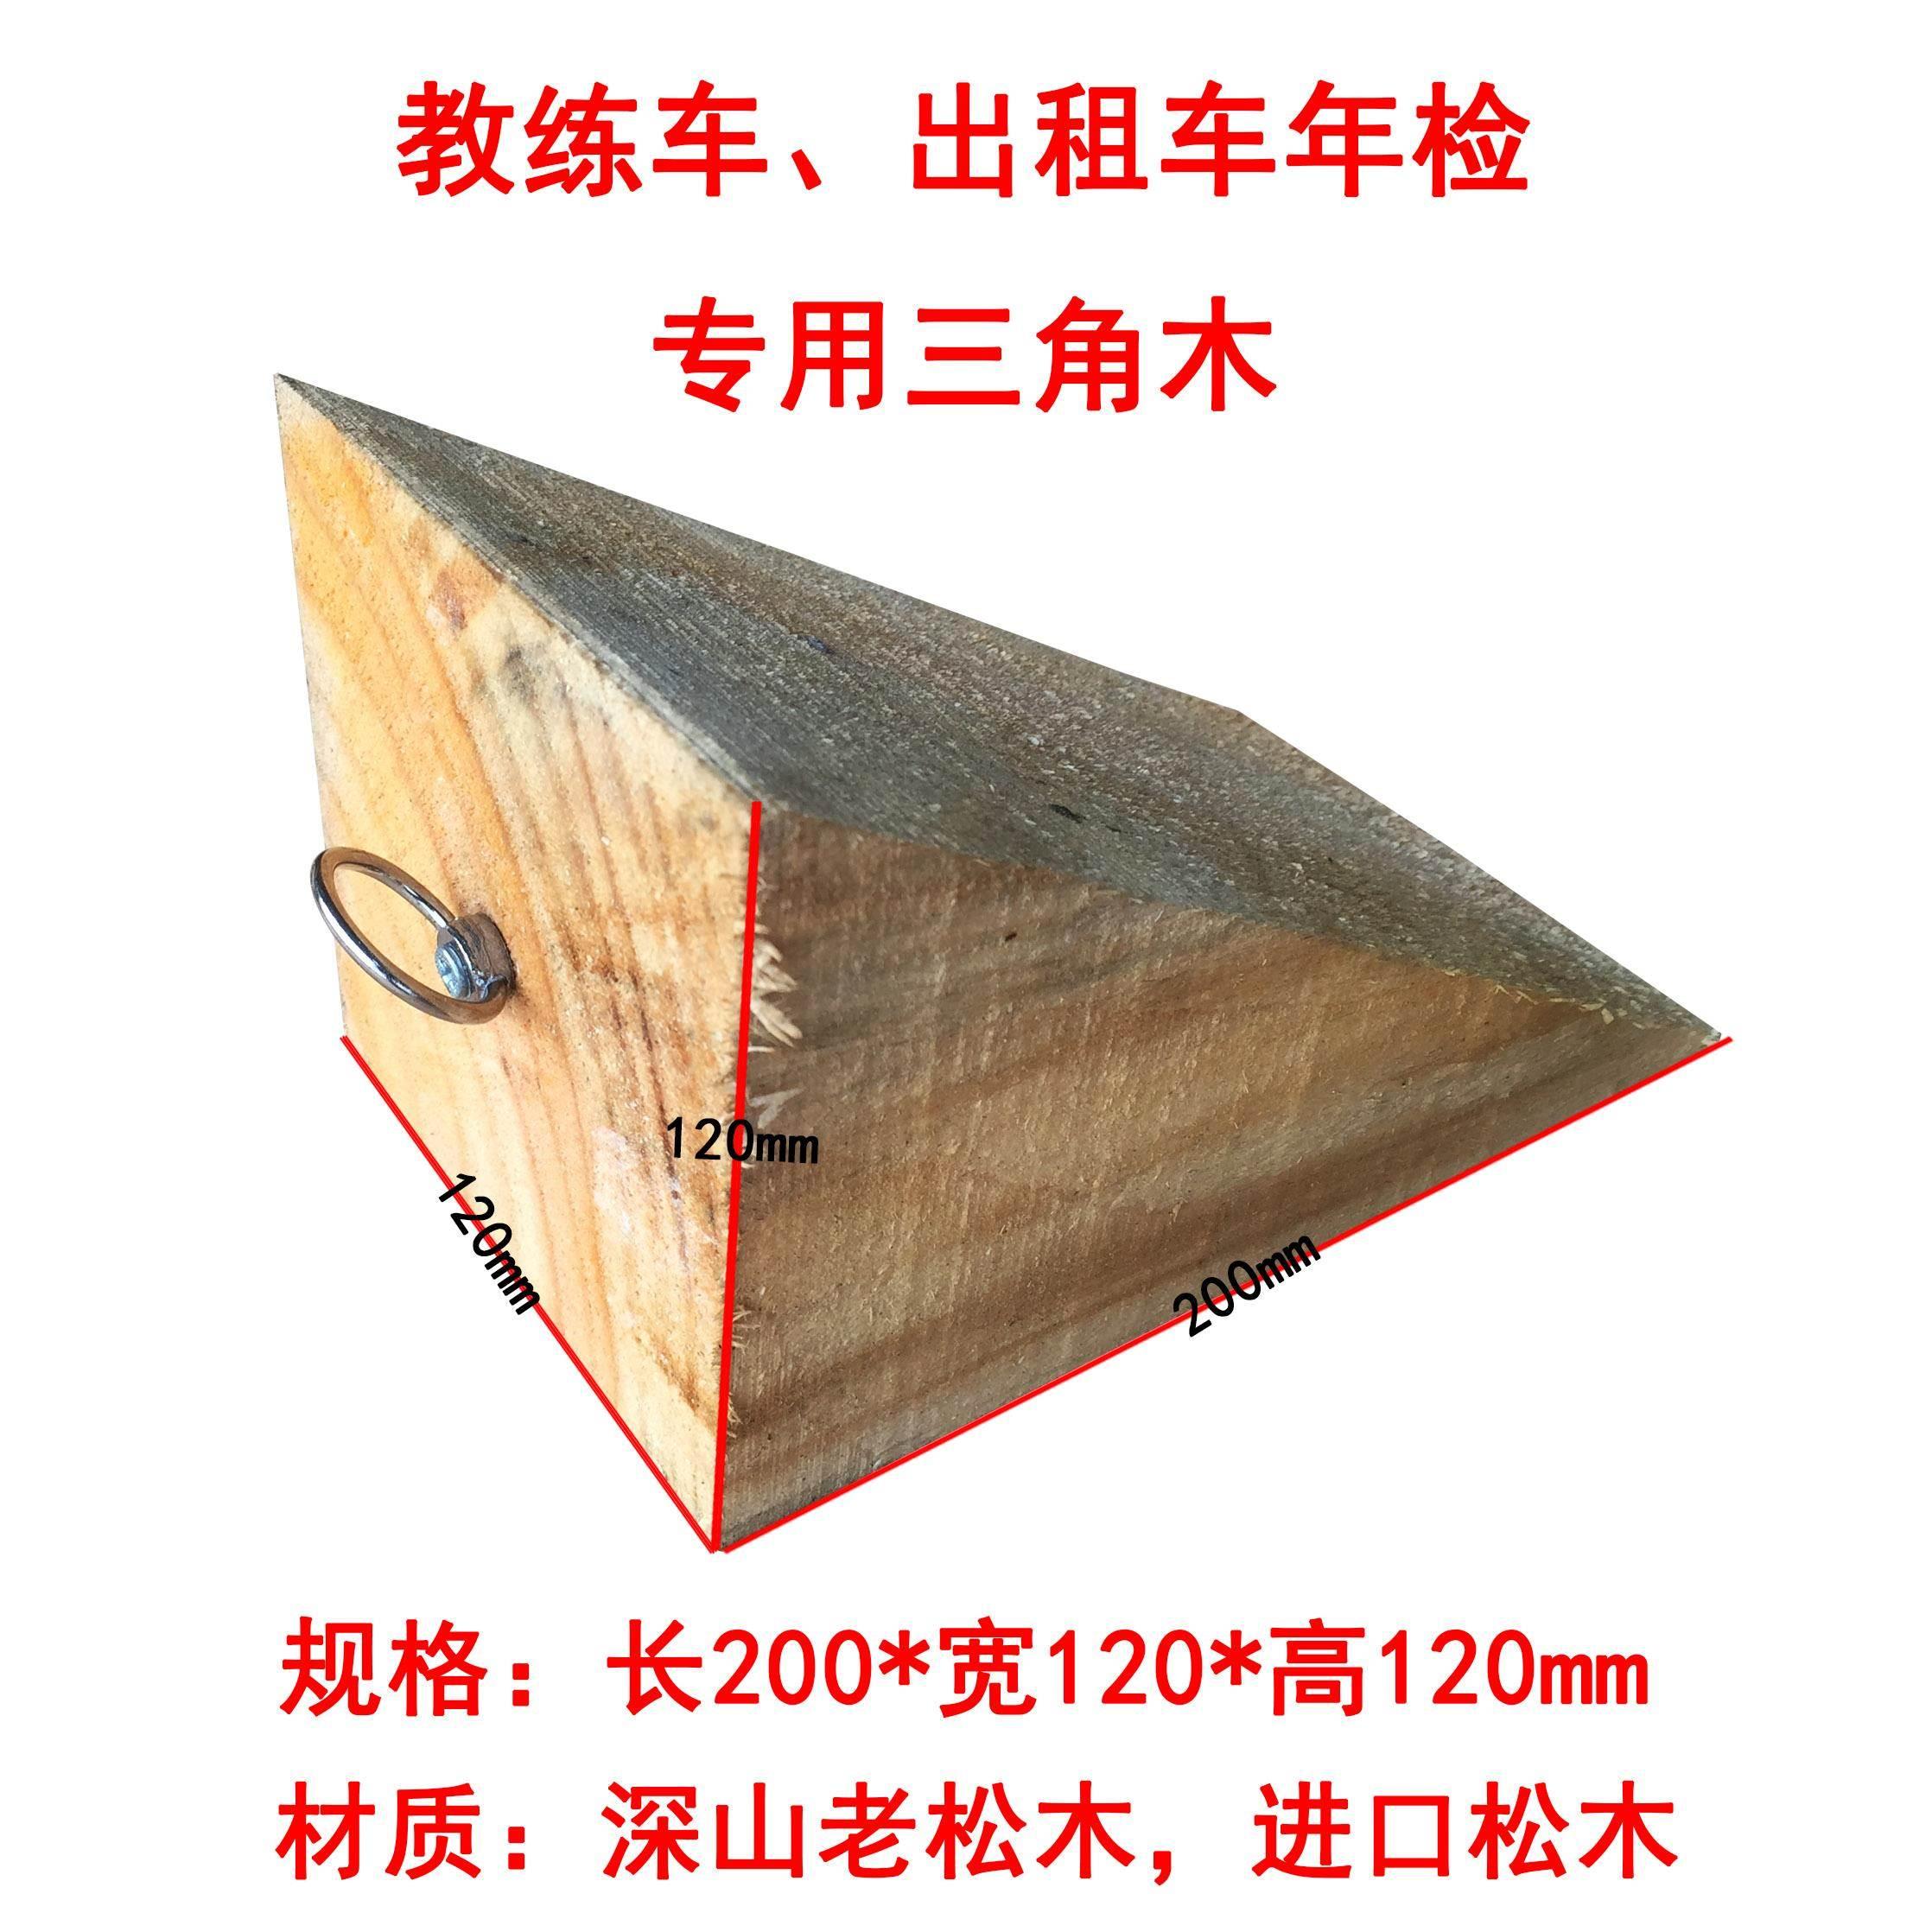 优质小号橡胶三角木  汽车车轮后退垫专用止滑器后轮垫一个装